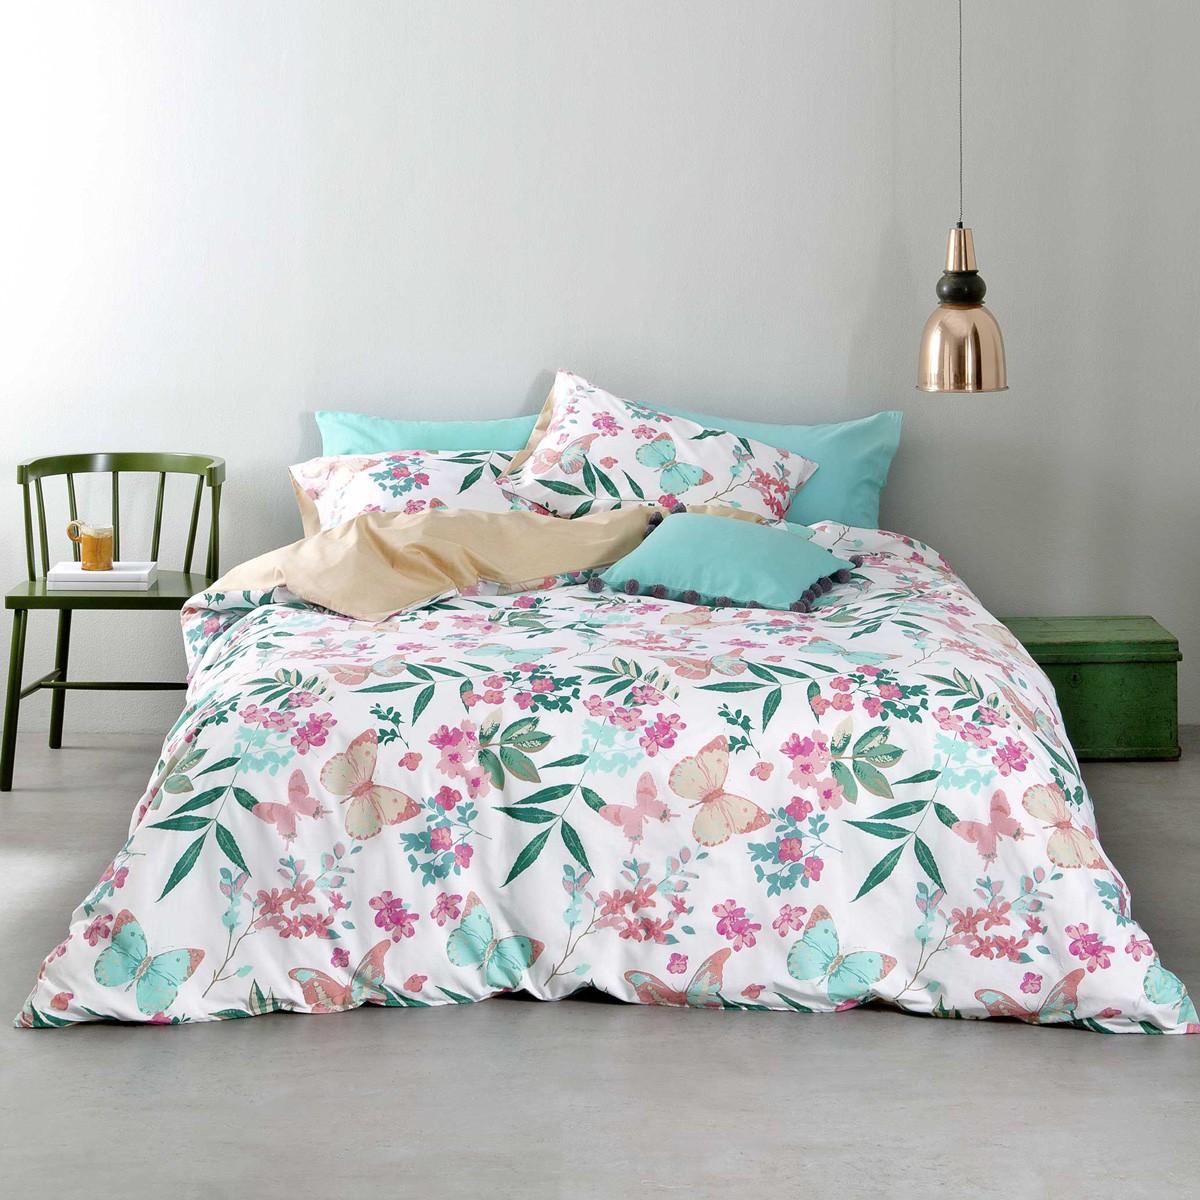 Σεντόνια Μονά (Σετ) Nima Bed Linen Tahiti Pink ΜΕ ΛΑΣΤΙΧΟ ΜΕ ΛΑΣΤΙΧΟ